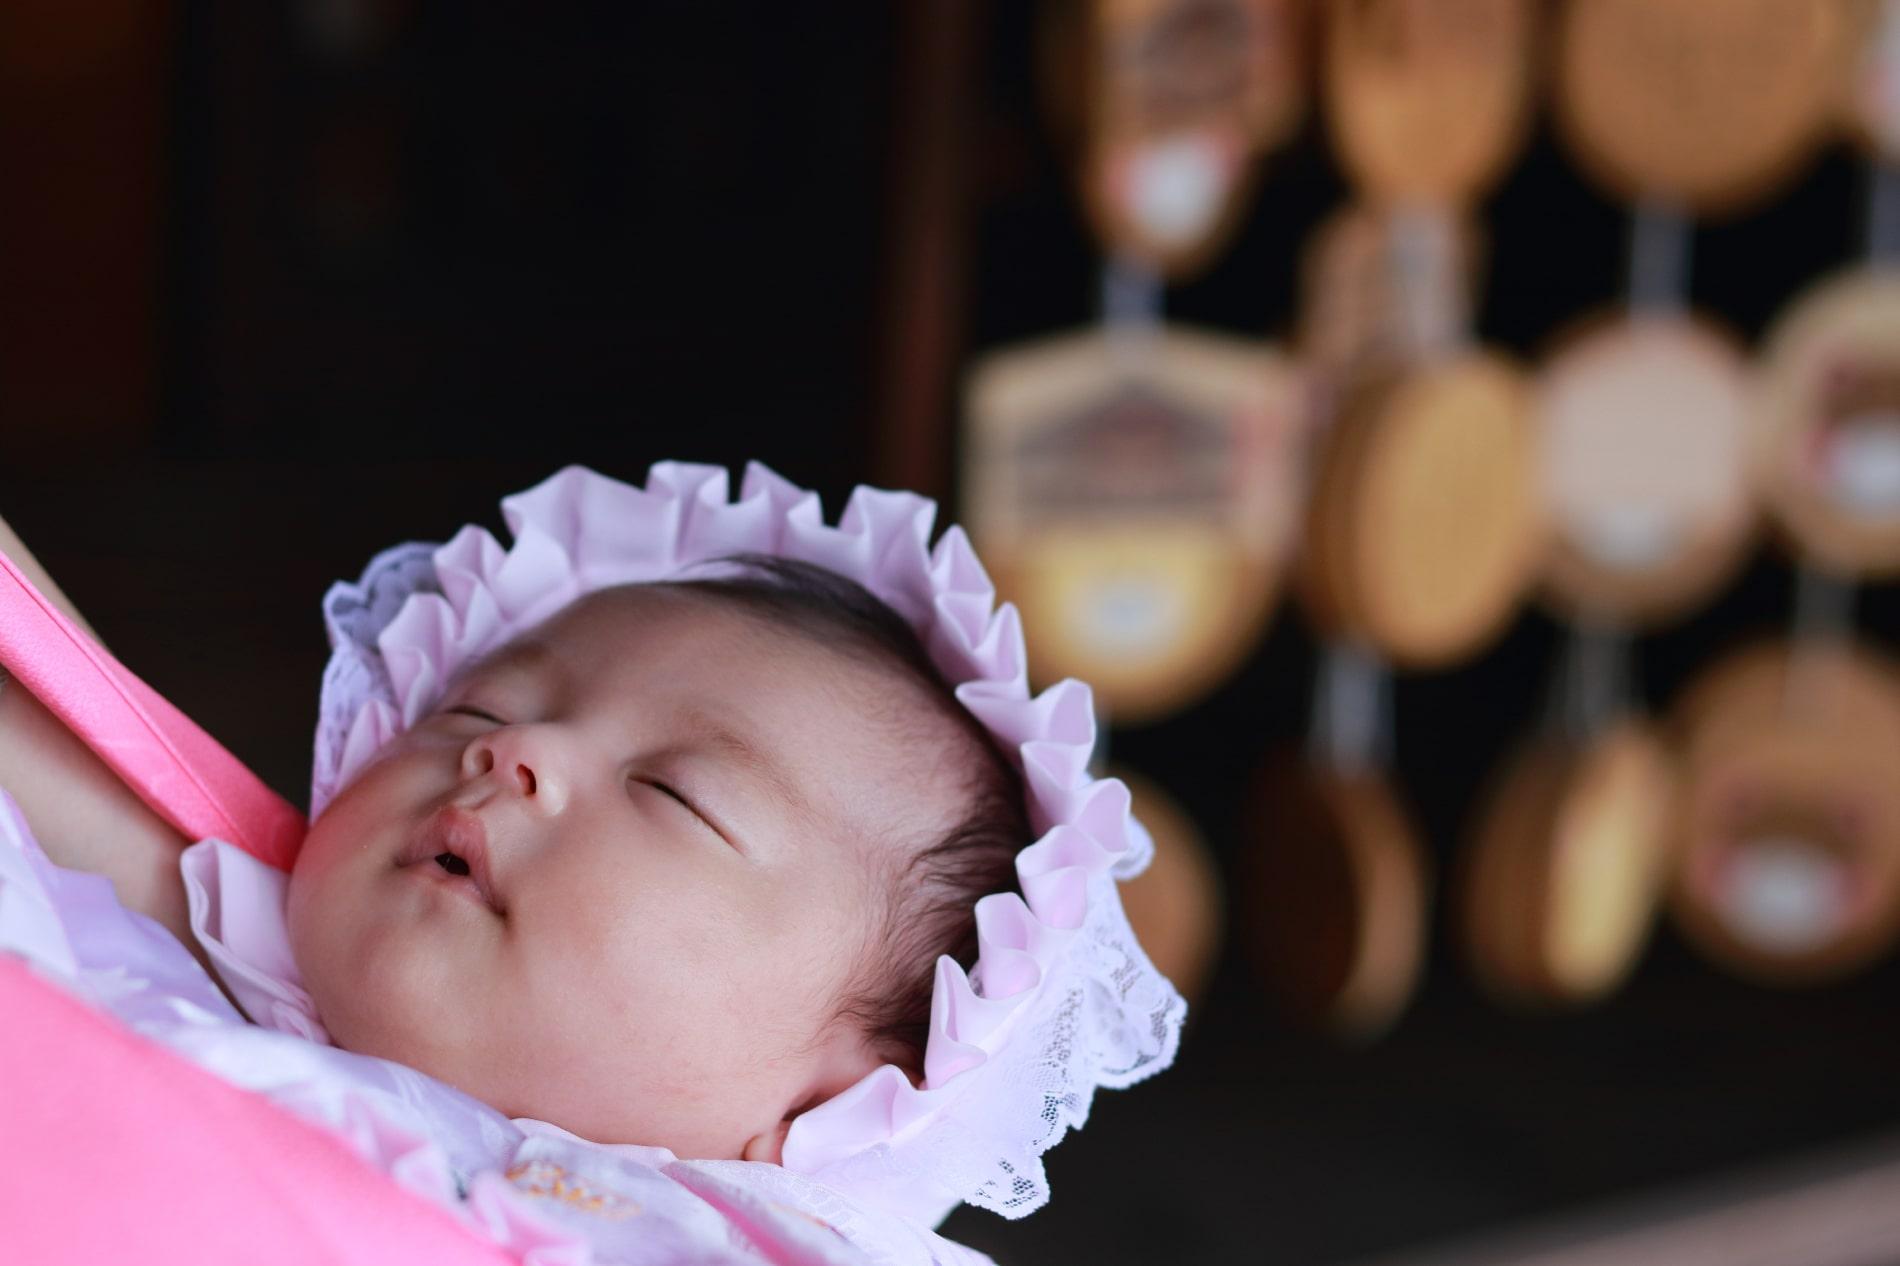 全国産後ママ70万人に対して、生後1ヶ月までのママに絞ってリーチ